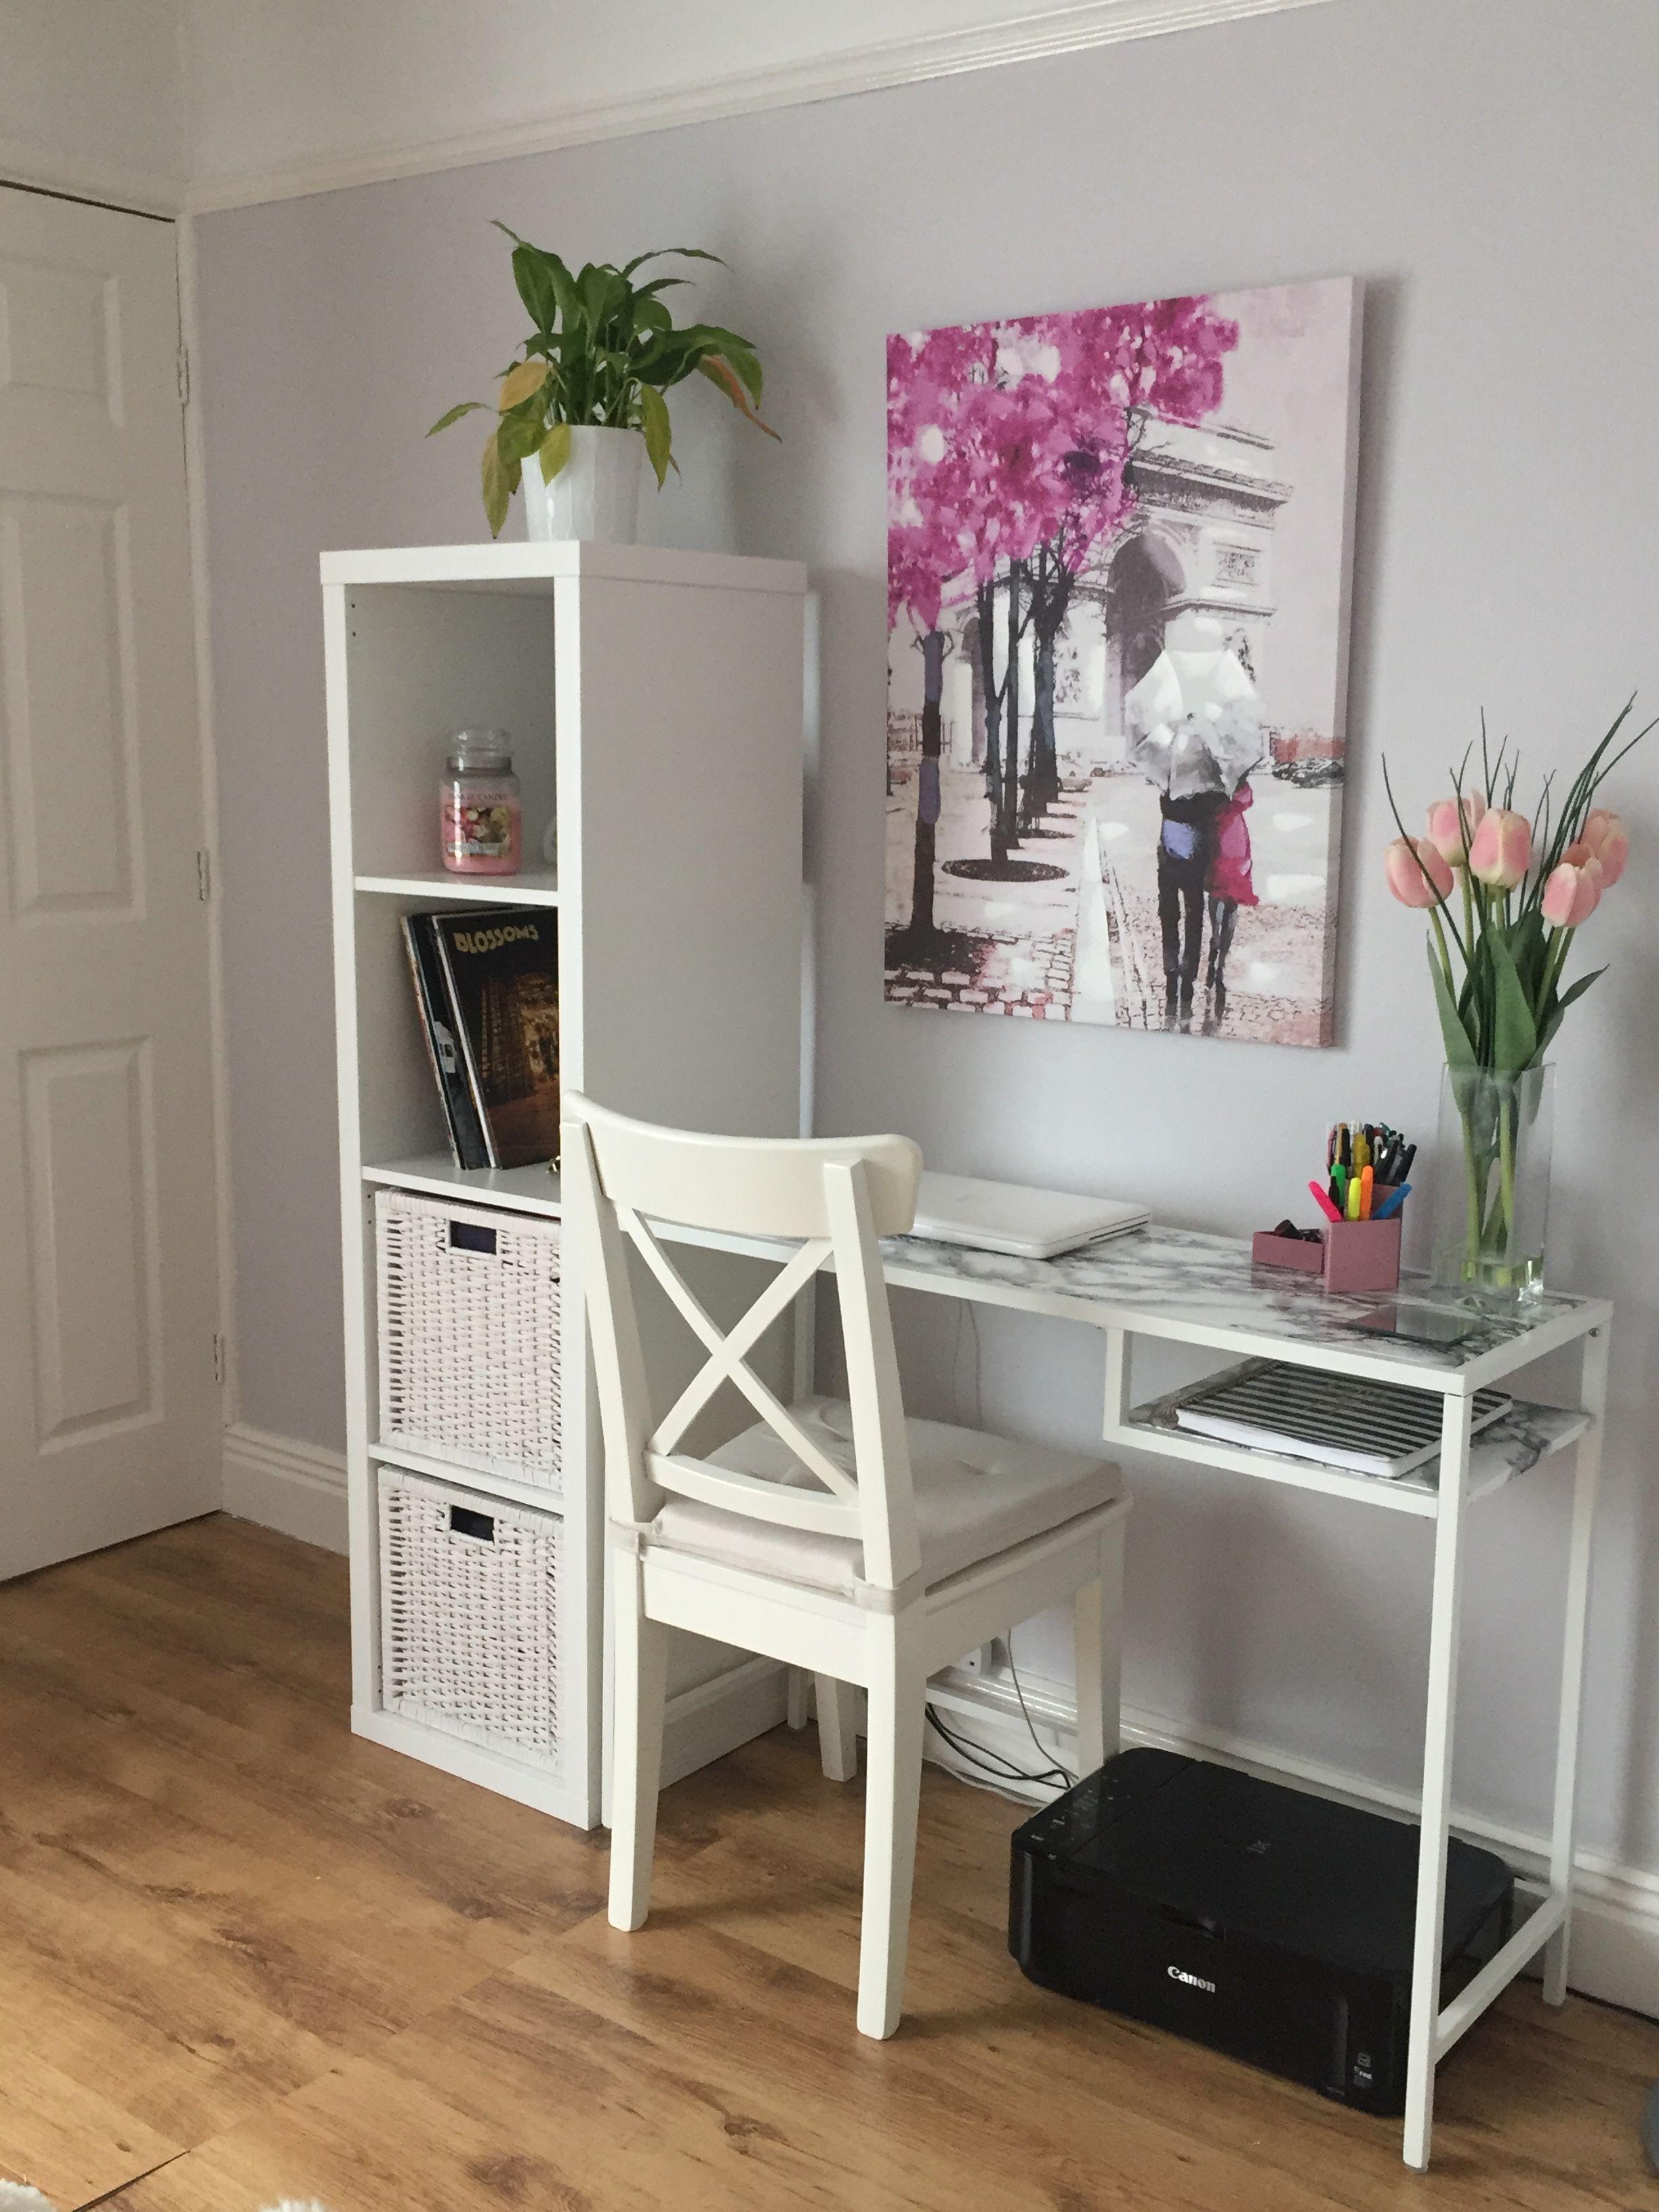 Ikea Hack Vittsj Desk Marble Home Decor Decor Desk In Living Room